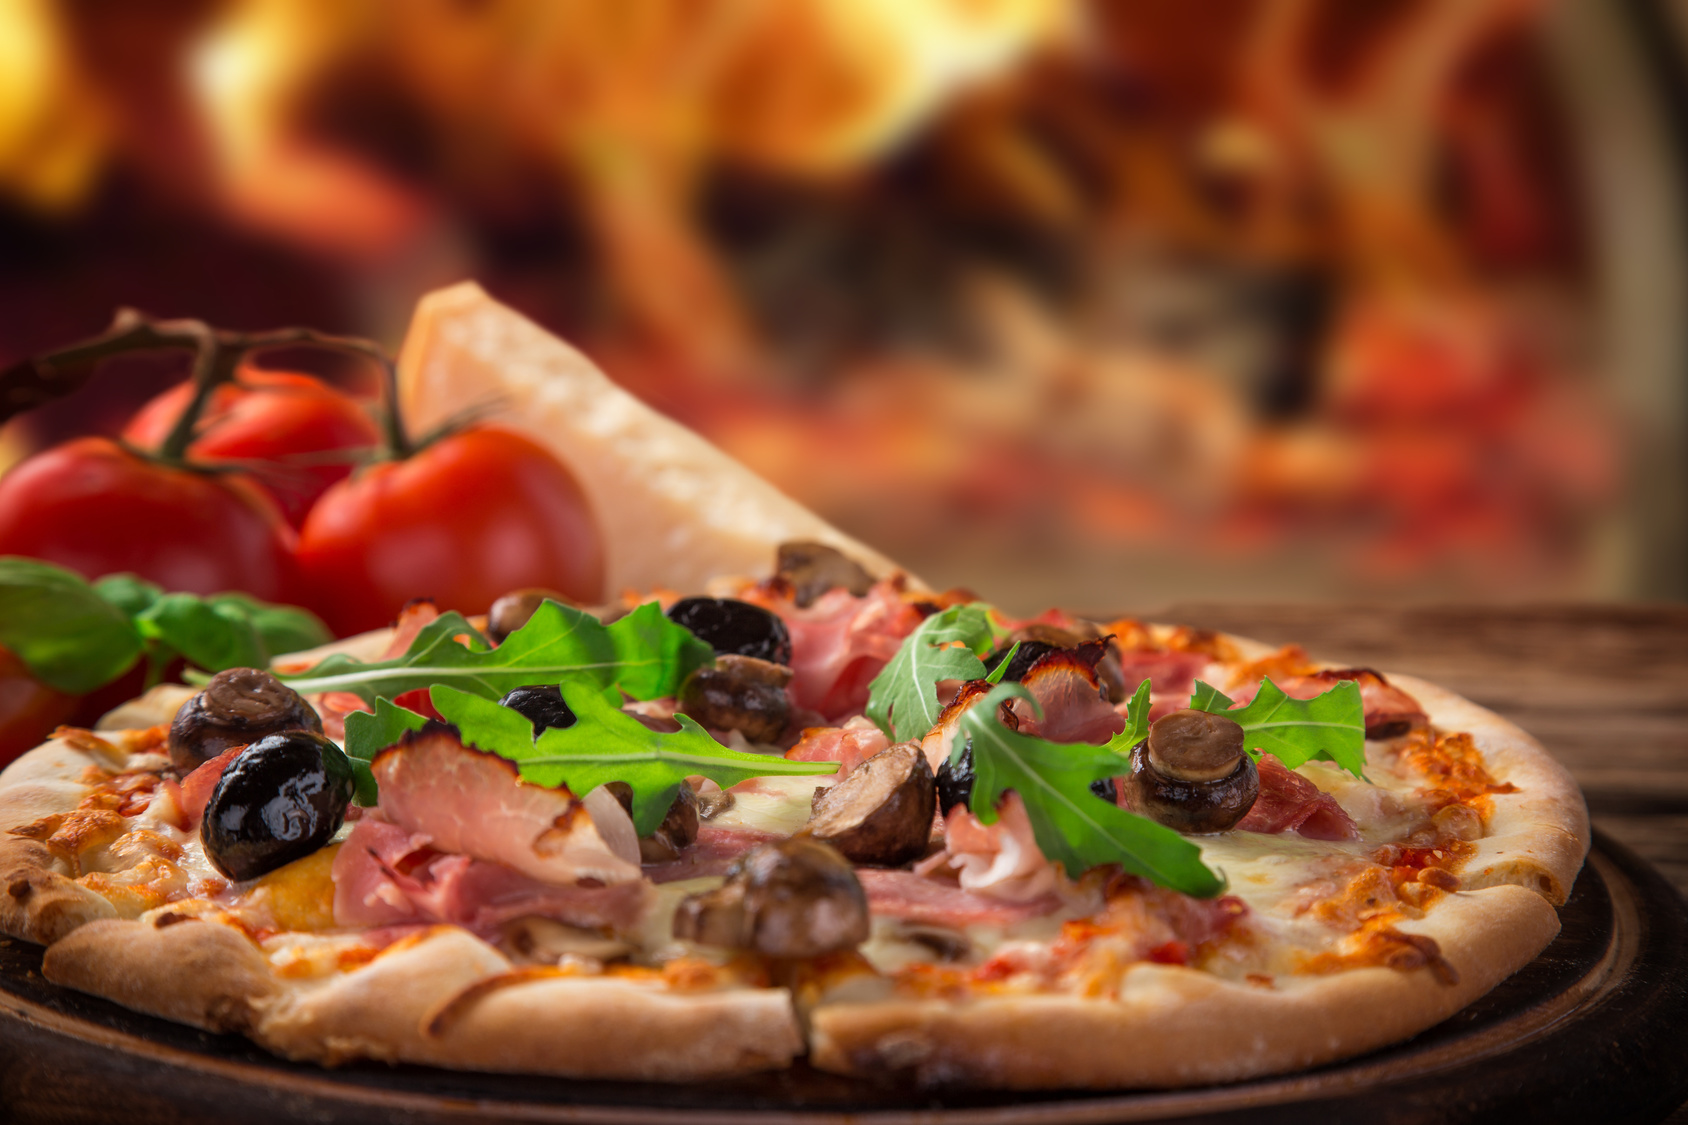 Trattoria pizzeria Ruffano Lecce